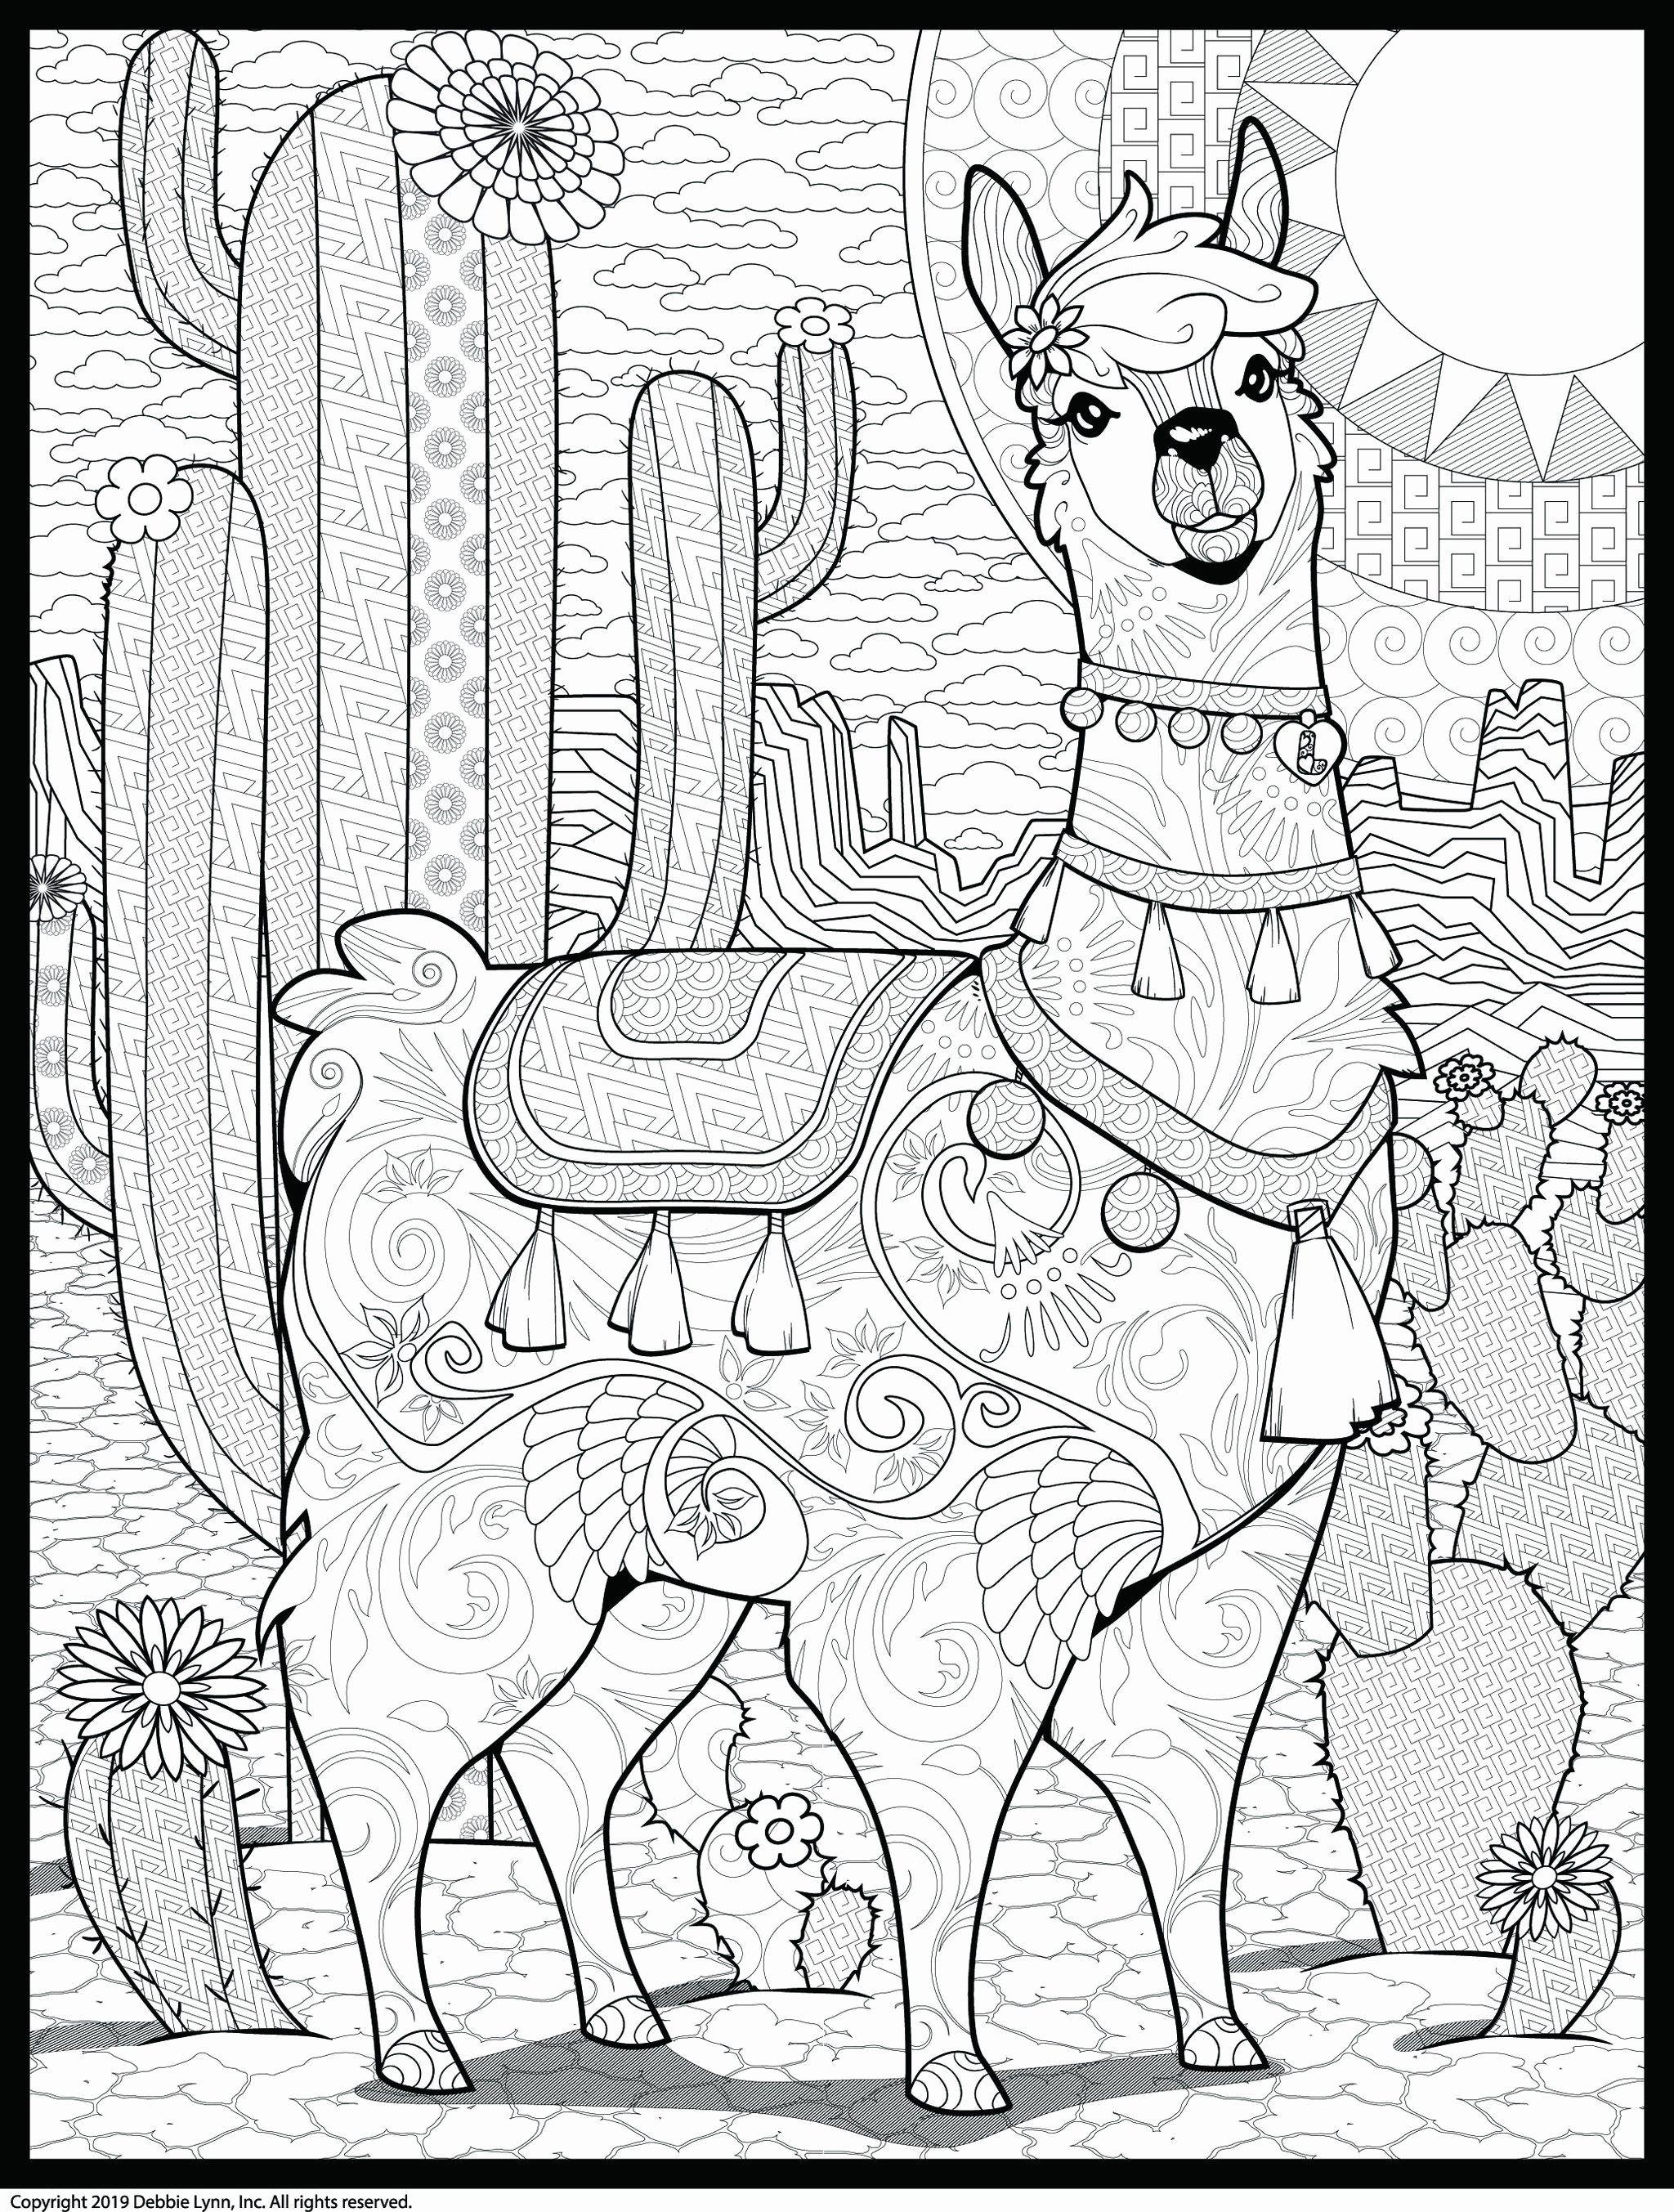 Coloring Pages Animals In The Forest Lovely Super Huge 48 X 63 Coloring Poster Debbie Lynn Kleurplaten Poster Kleurplaten Voor Volwassenen